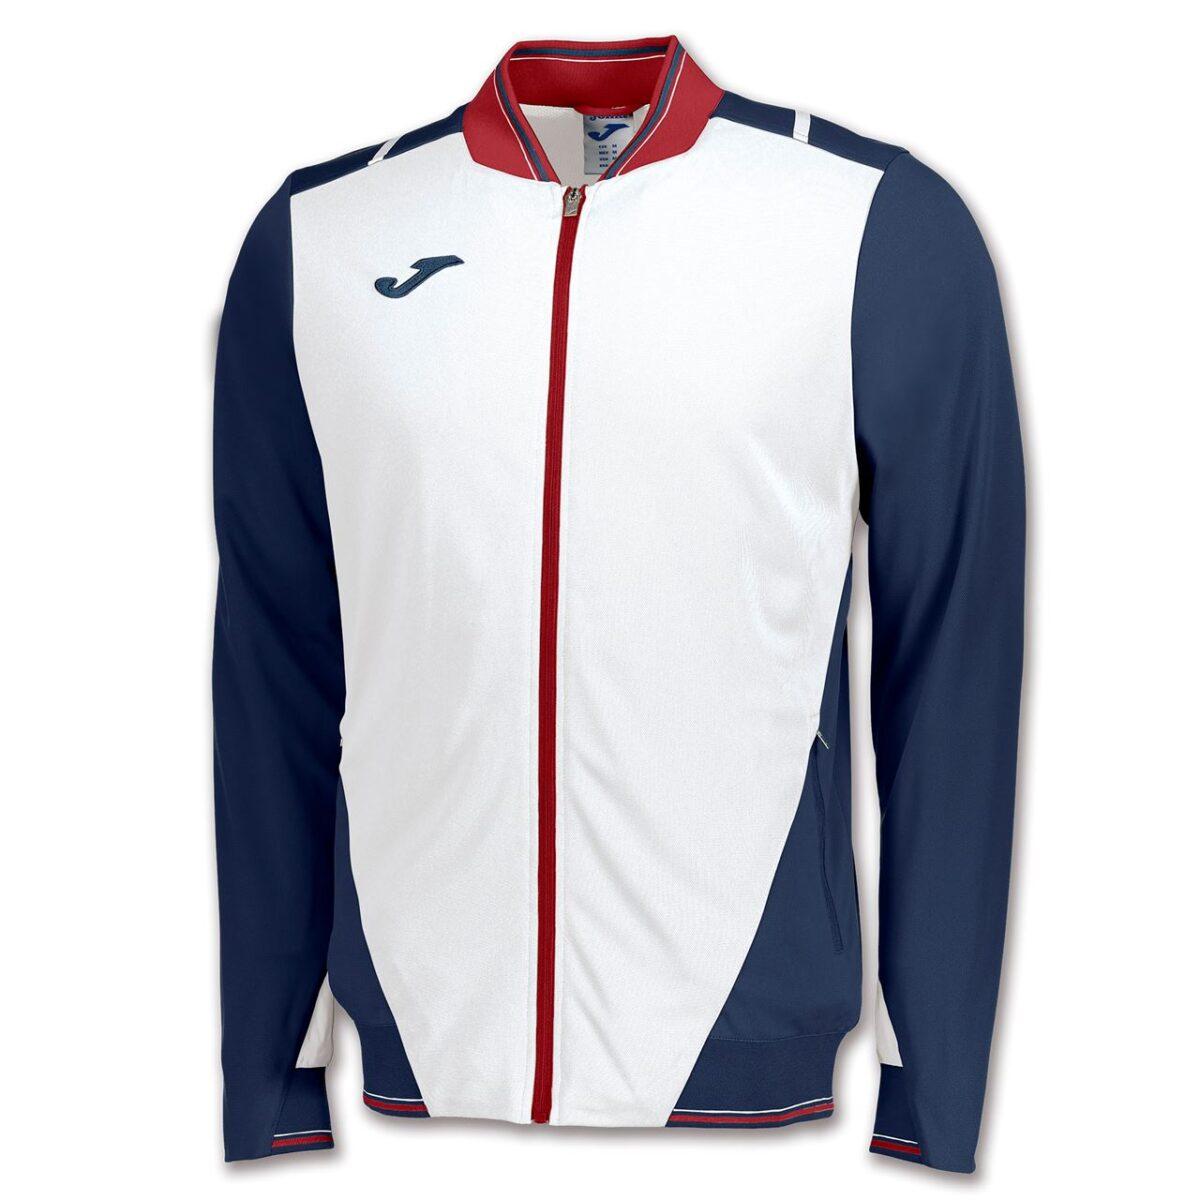 Joma Granada Jacket - Adult 100561